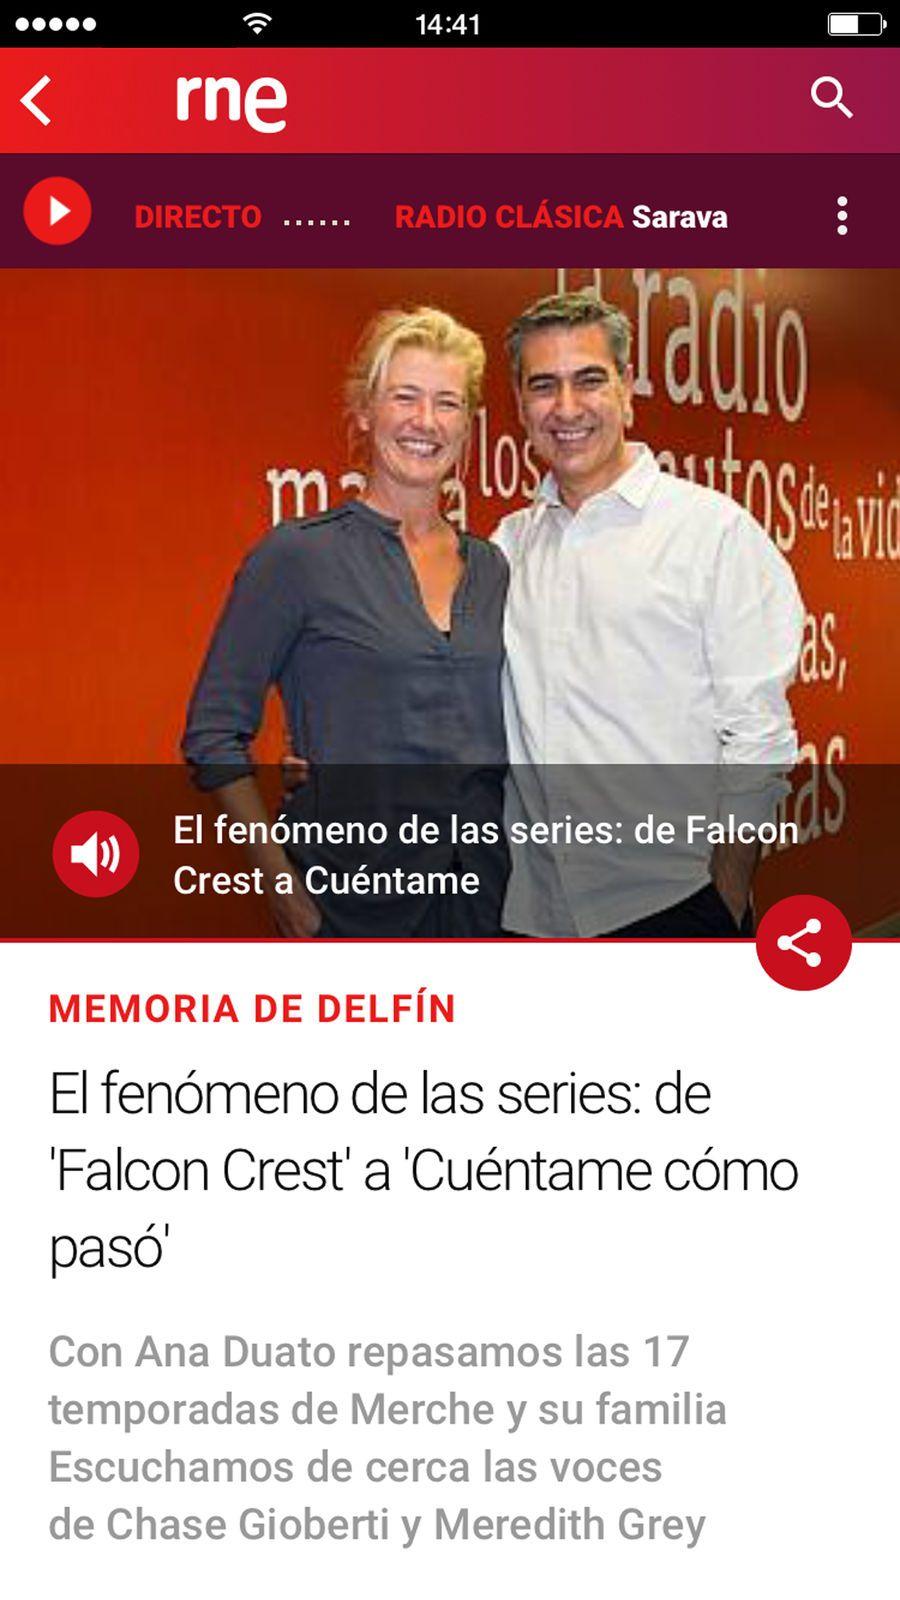 Radio Nacional de Espa?a NewsRTVEiosEntertainment